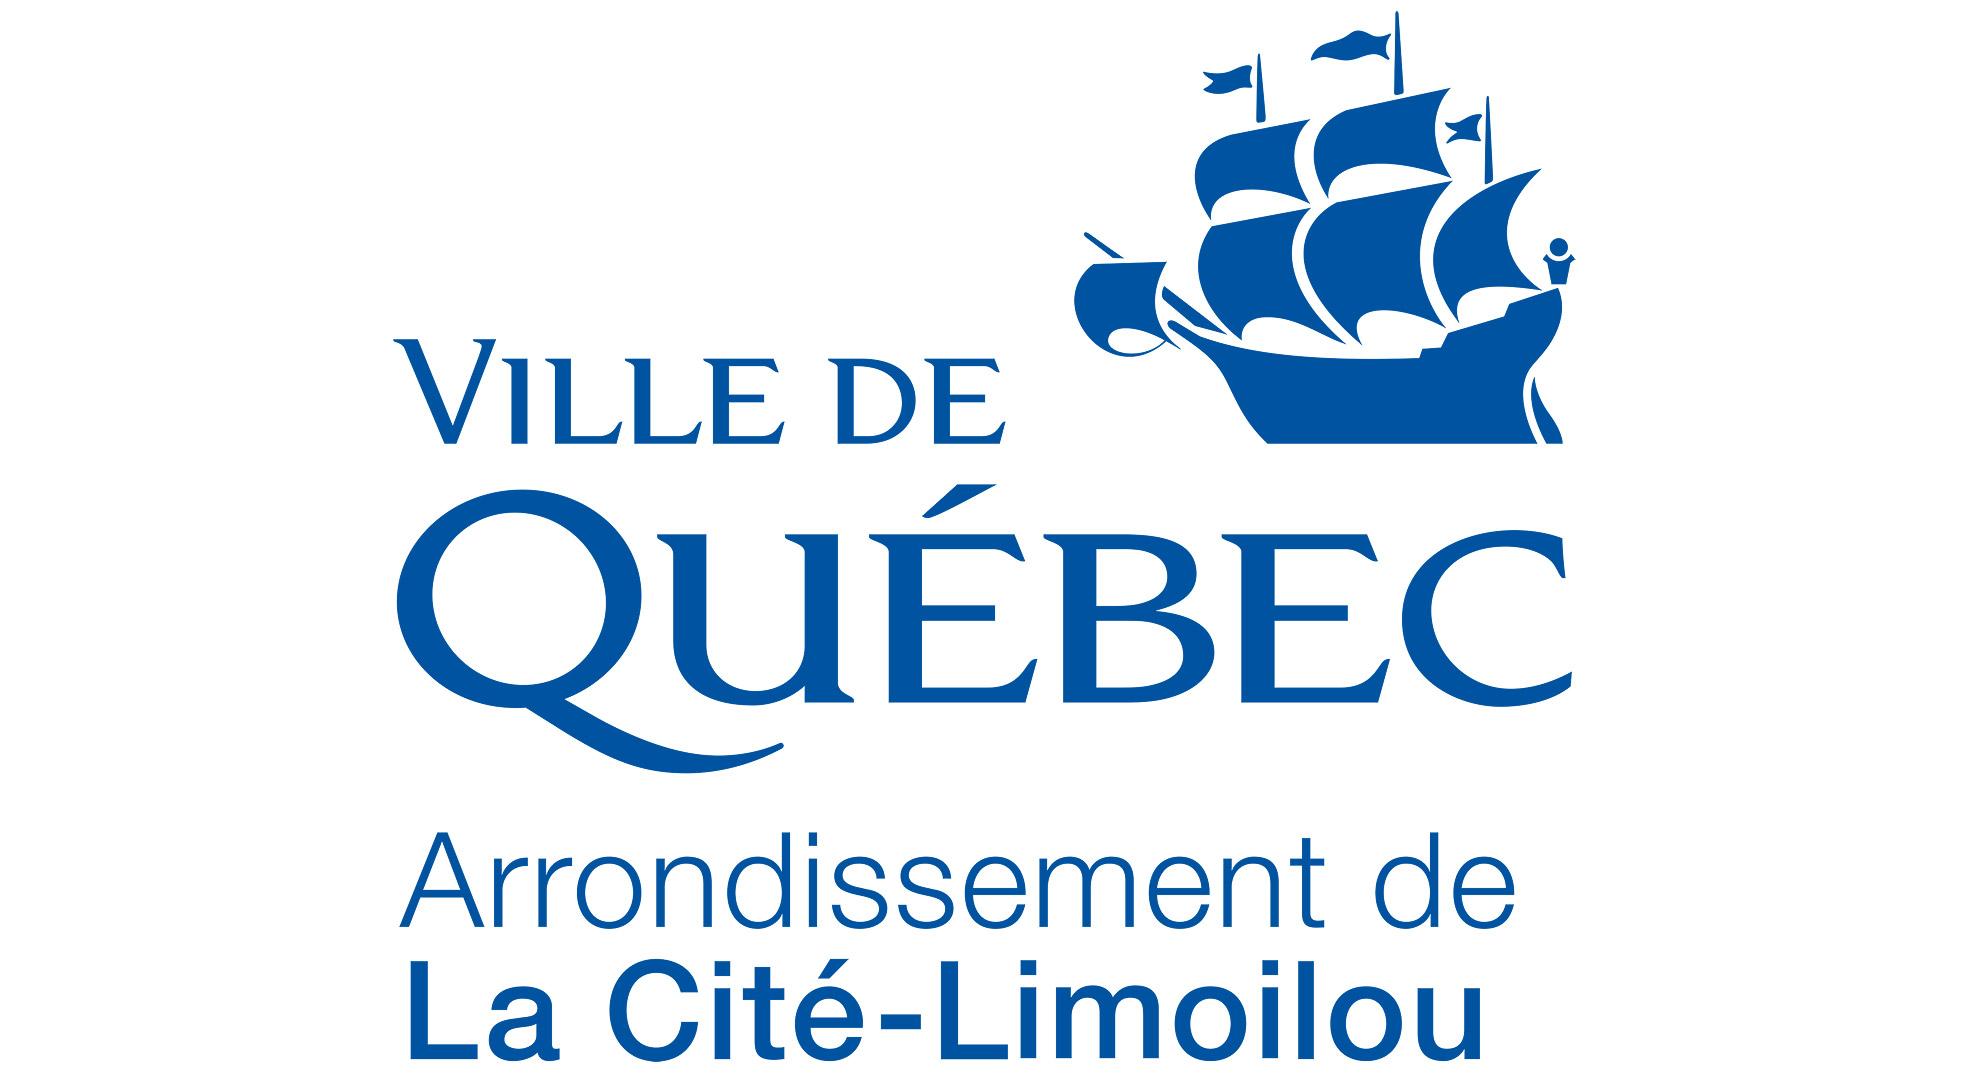 Ville de Québec - Arrondissement Cité-Limoilou